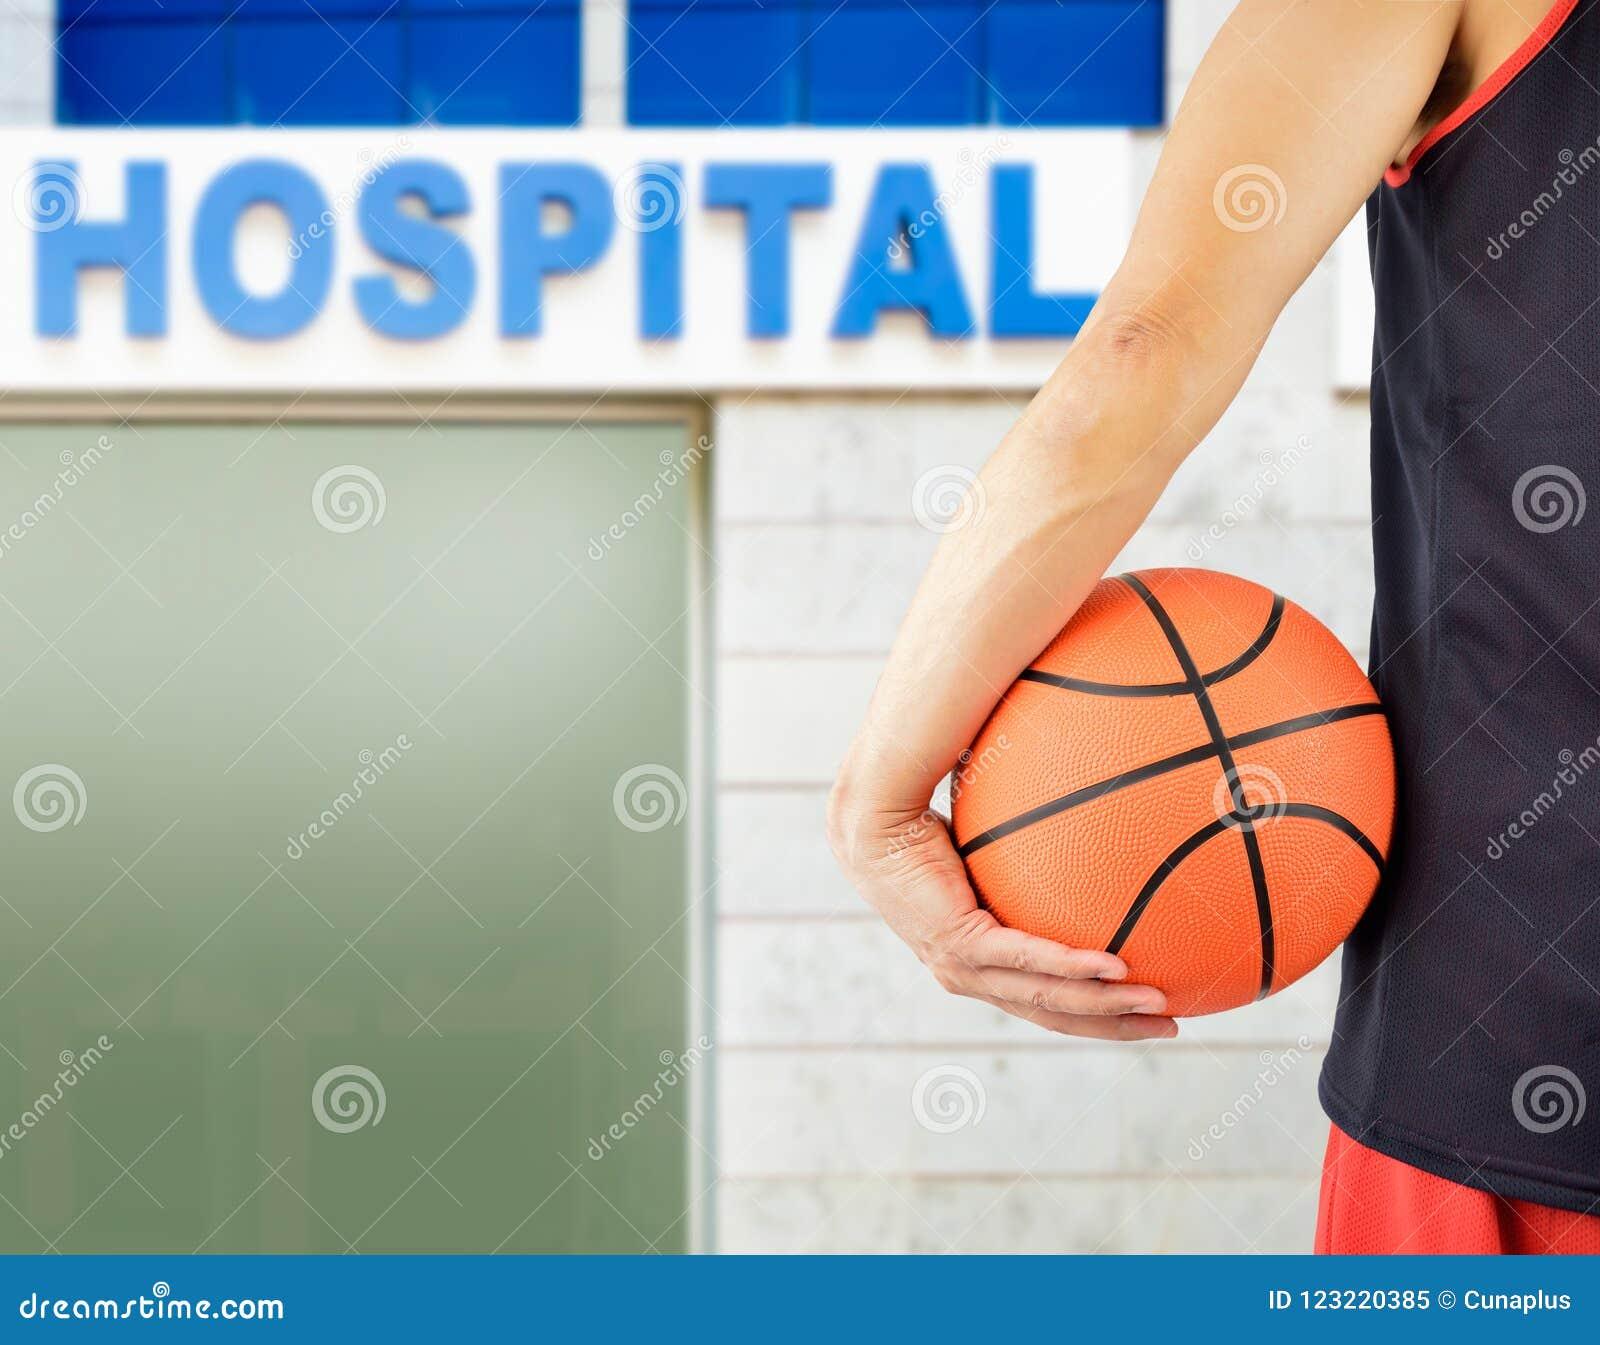 Ik heb het ziekenhuis nodig